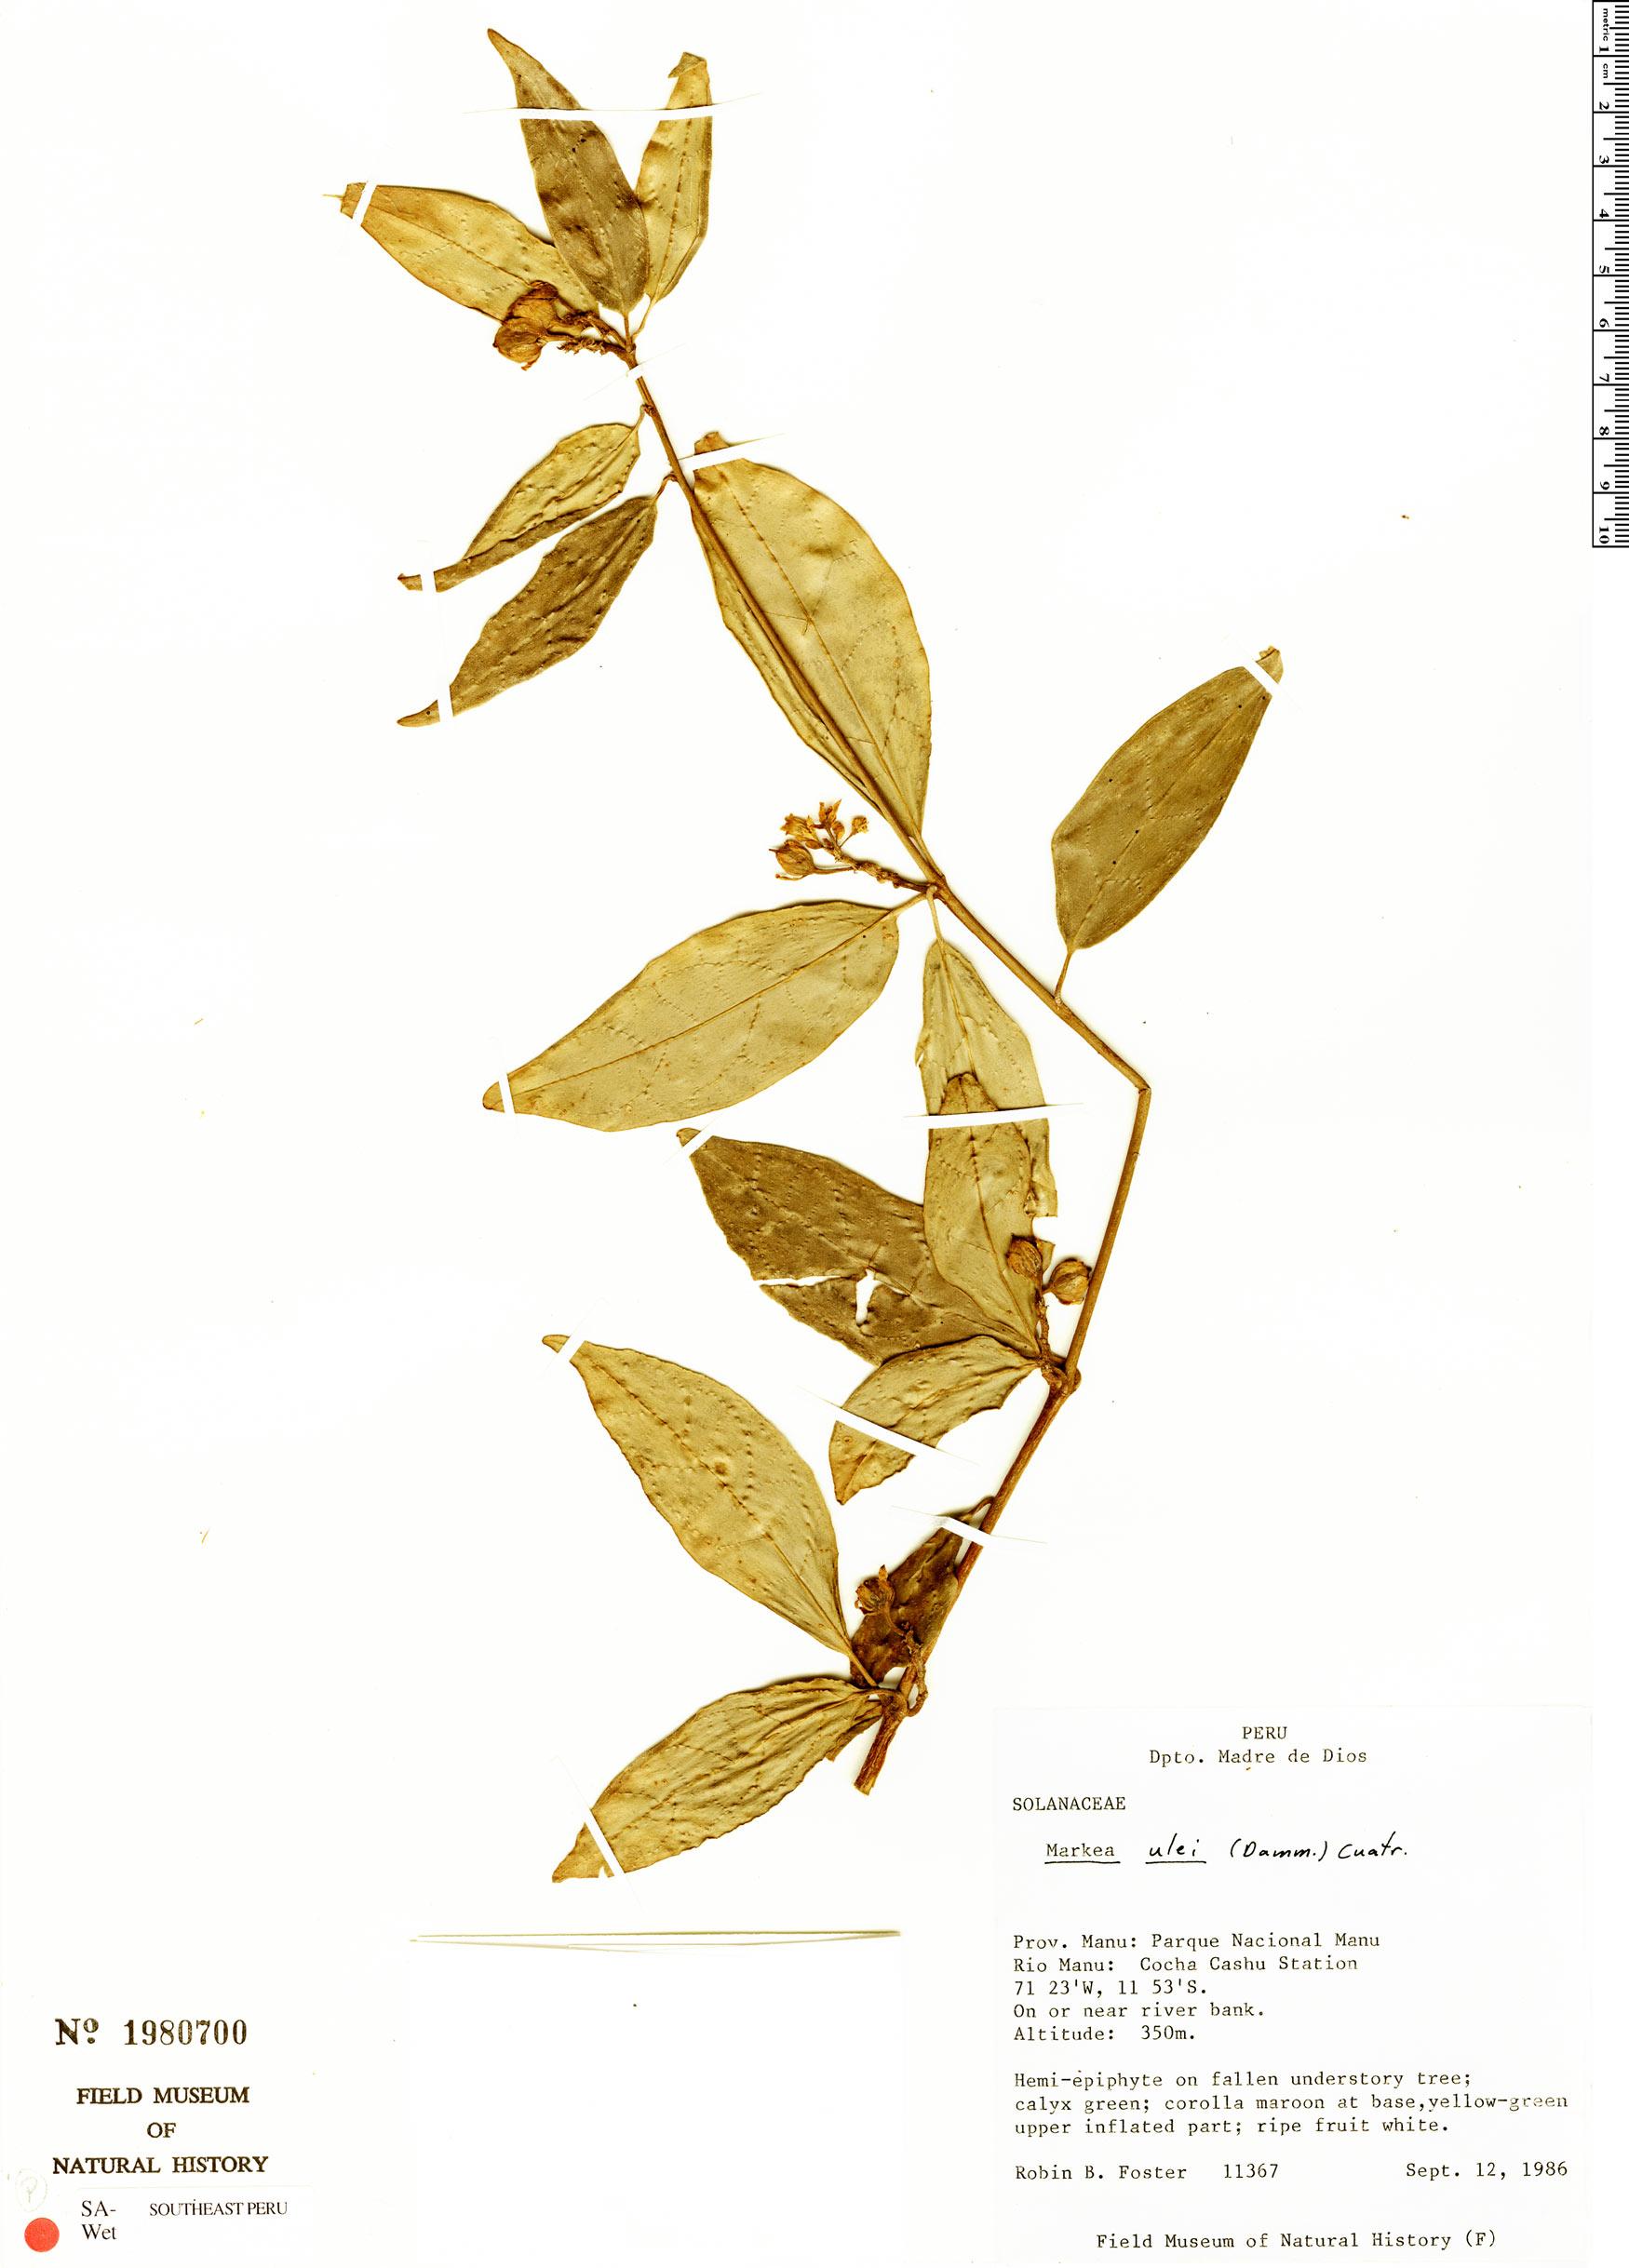 Specimen: Markea ulei